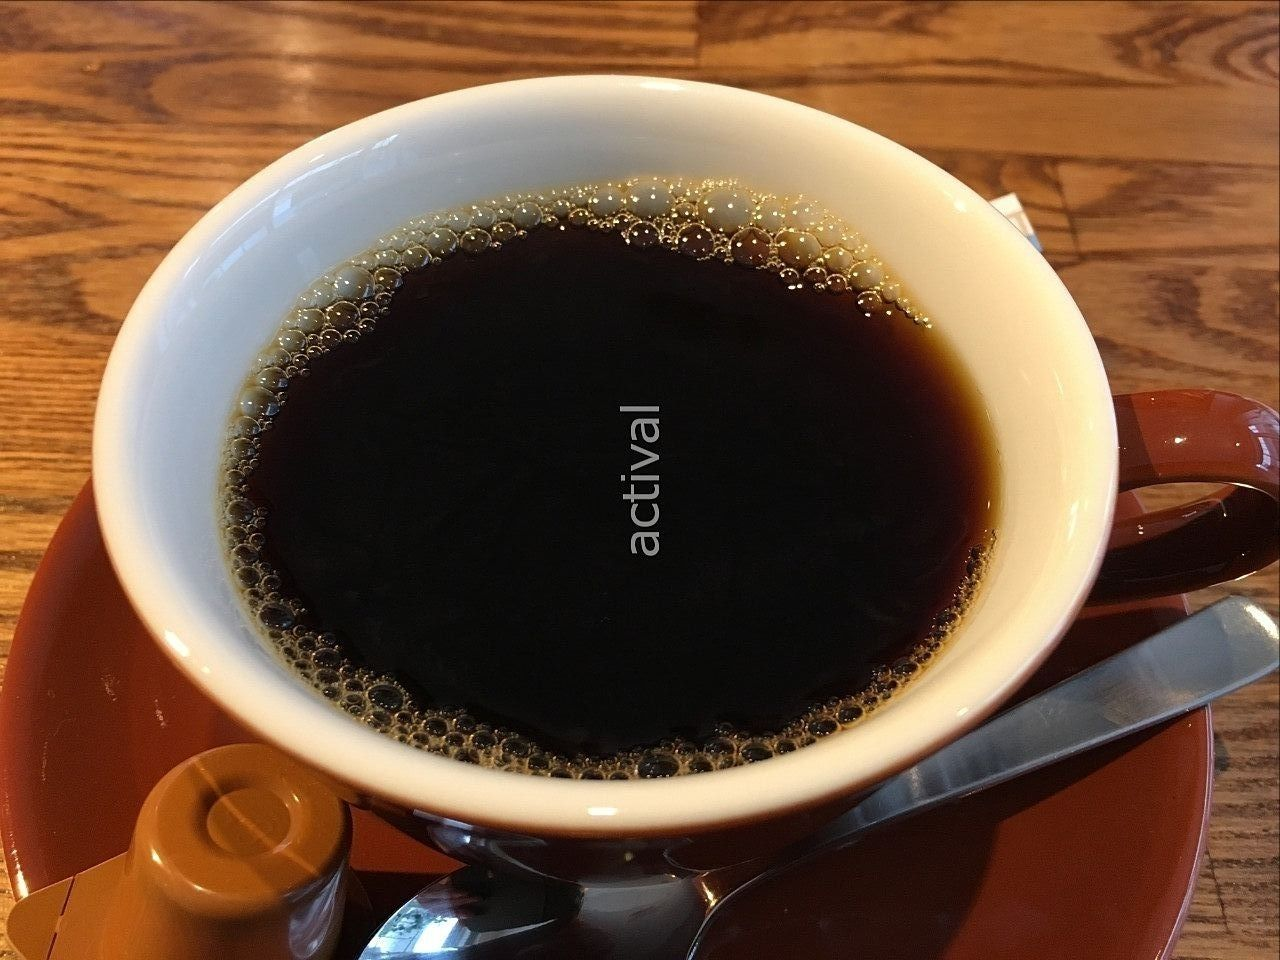 越谷市赤山町にあるカフェ「Cafe huit(カフェユイット)」さんのブレンドコーヒーです!